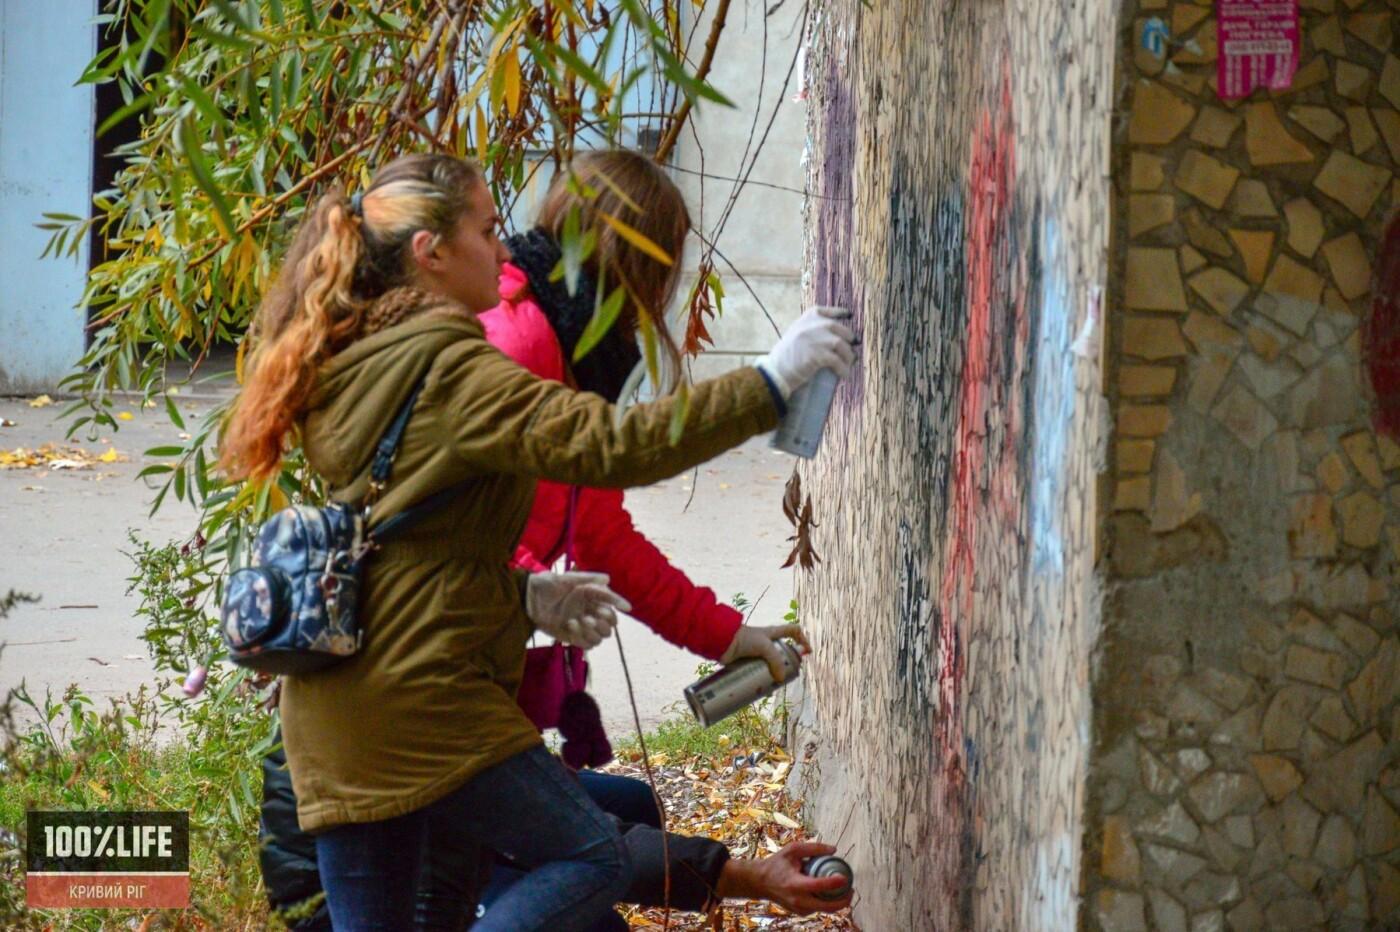 Криворожские подростки вместе с копами зарисовывали незаконную рекламу наркотиков, - ФОТО , фото-7